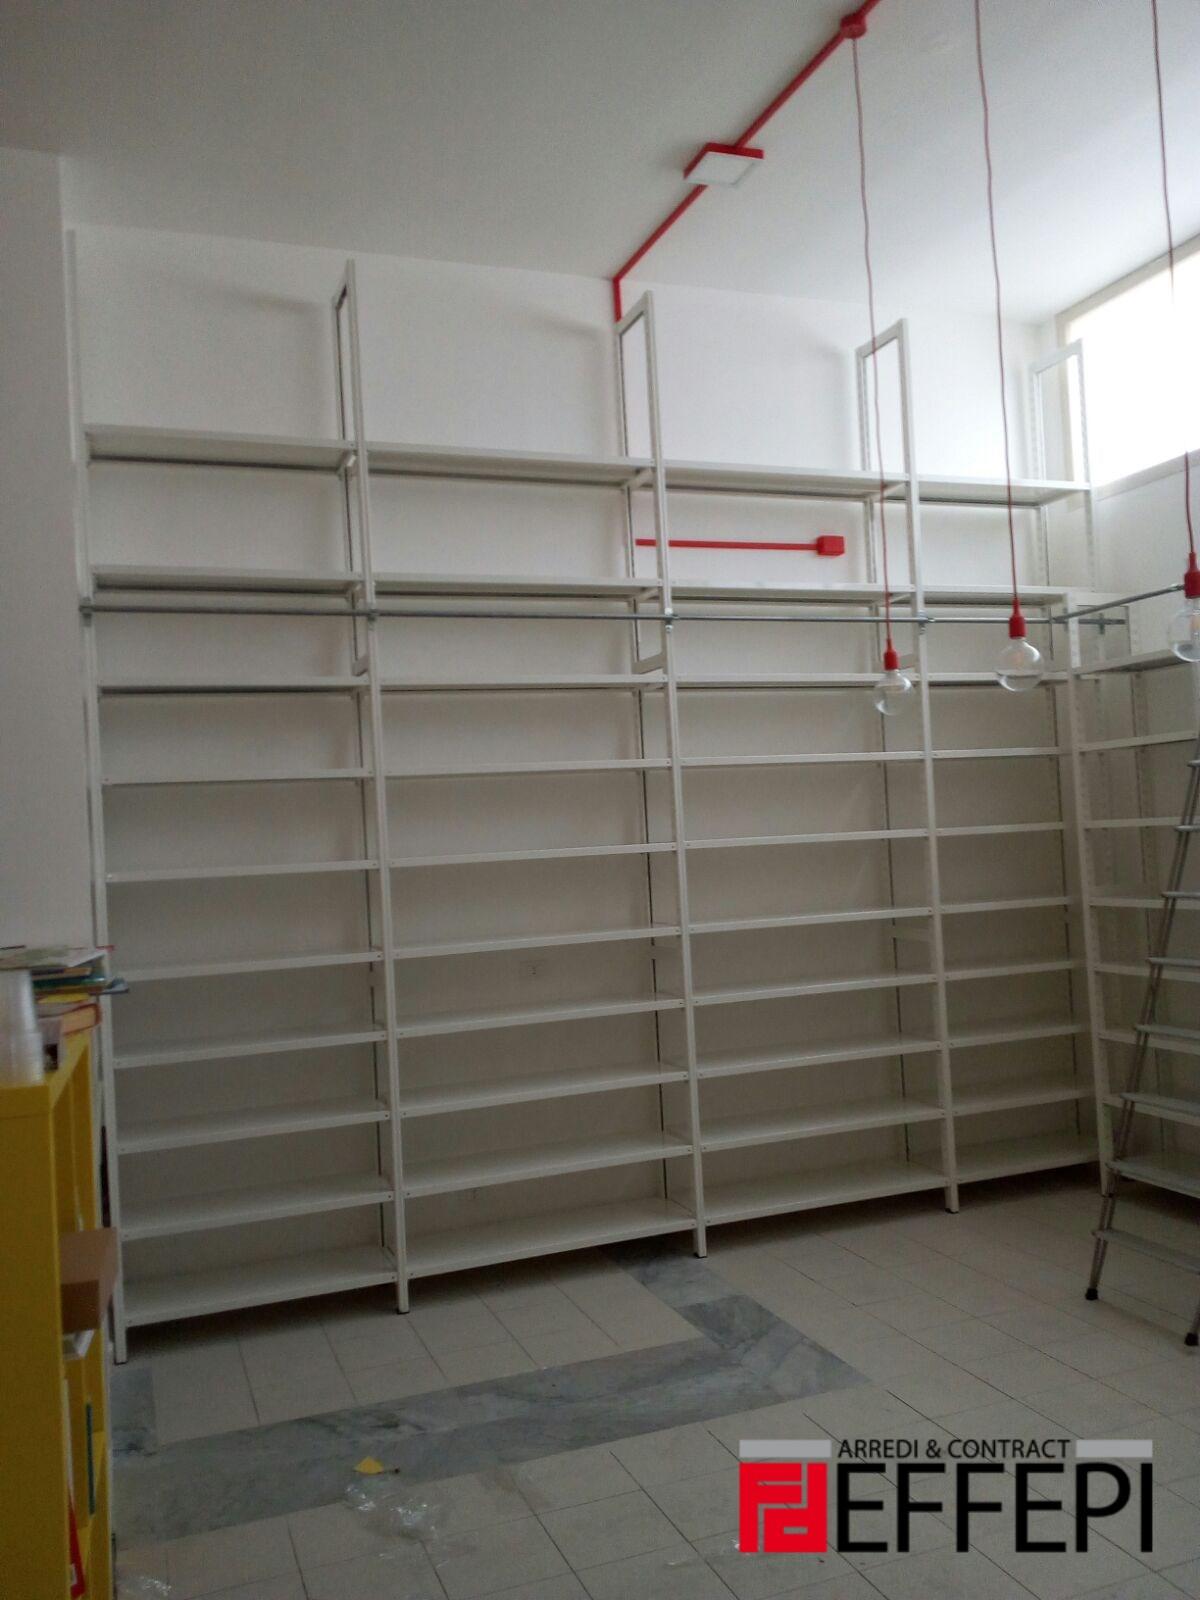 Scaffalature biblioteca save the children effepi arredi for Scaffalature per negozi e arredi ufficio usato palermo